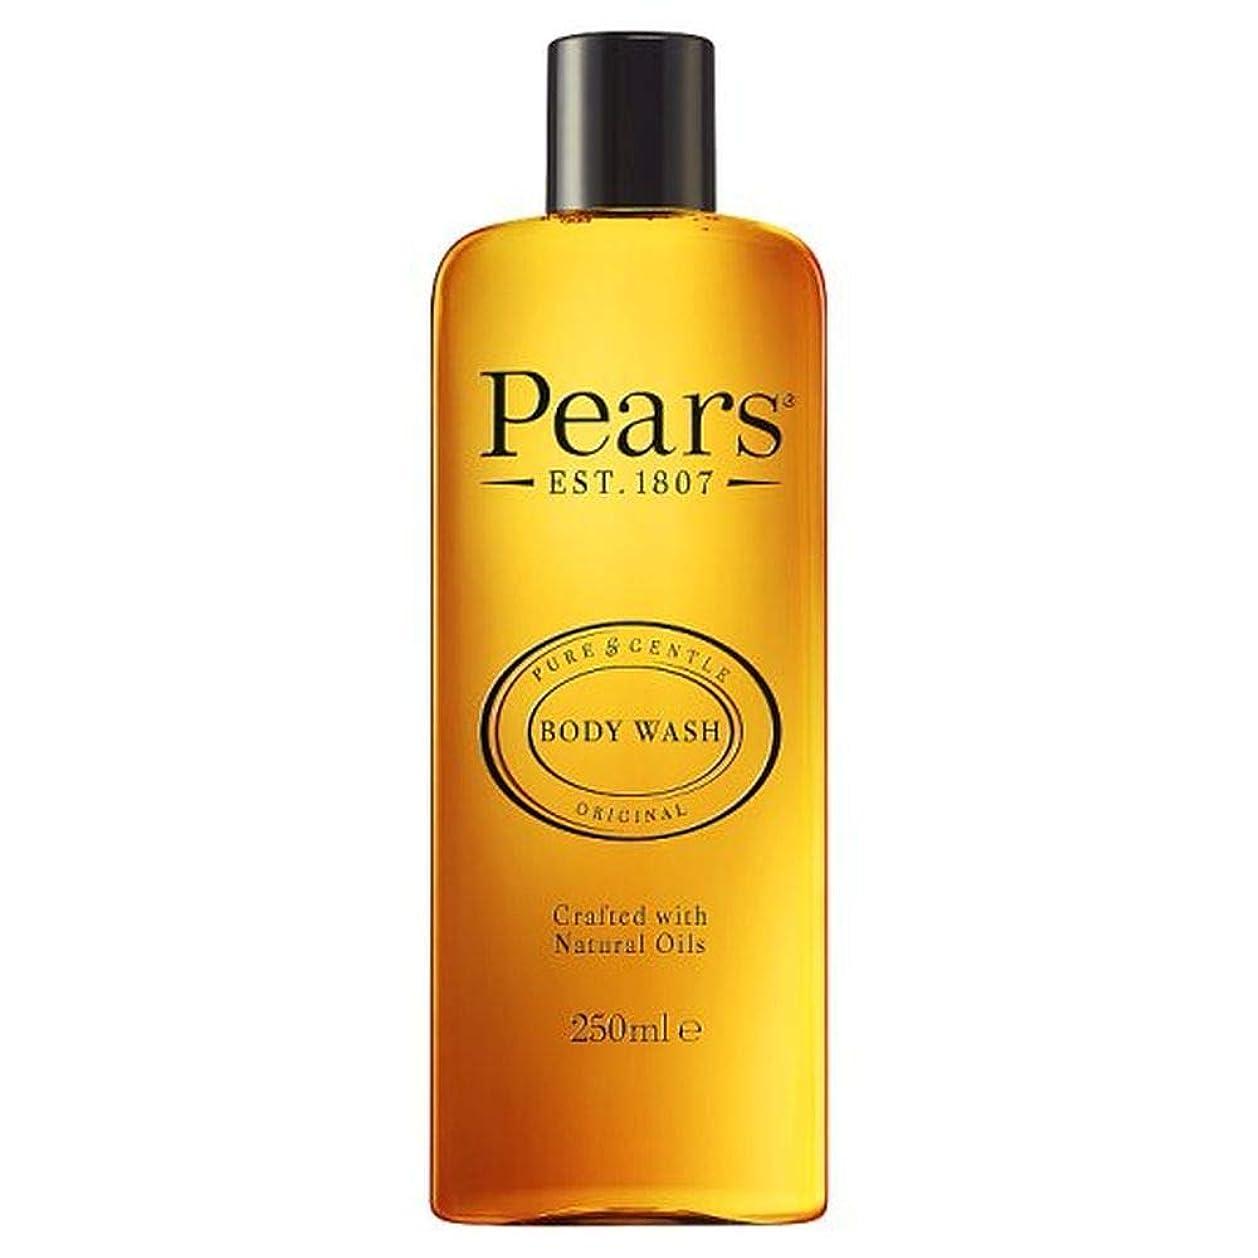 たらいエトナ山更新する[Pears] 梨シャワージェル250ミリリットル - Pears Shower Gel 250Ml [並行輸入品]